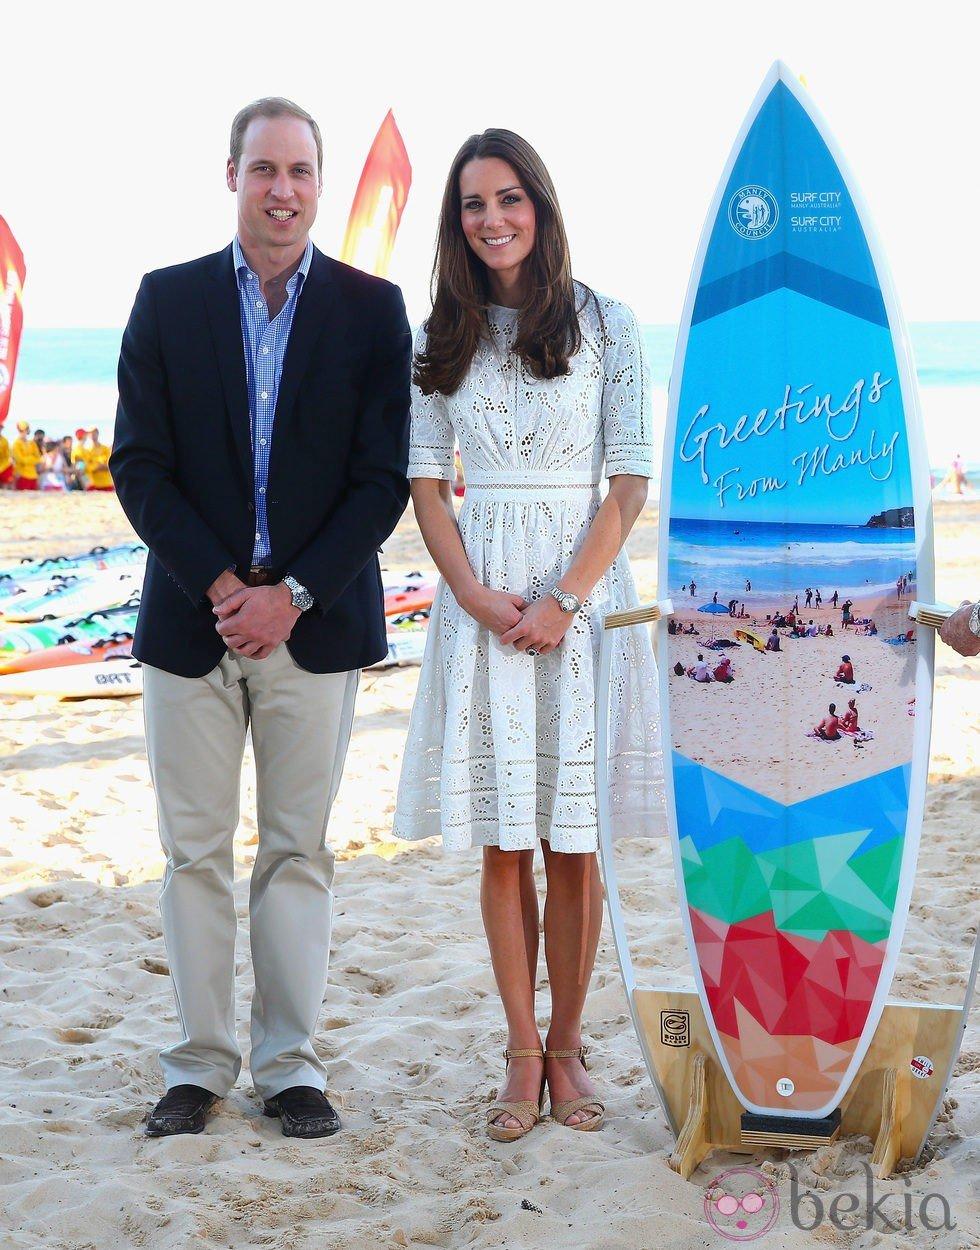 El Príncipe Guillermo y Kate Middleton en Manly